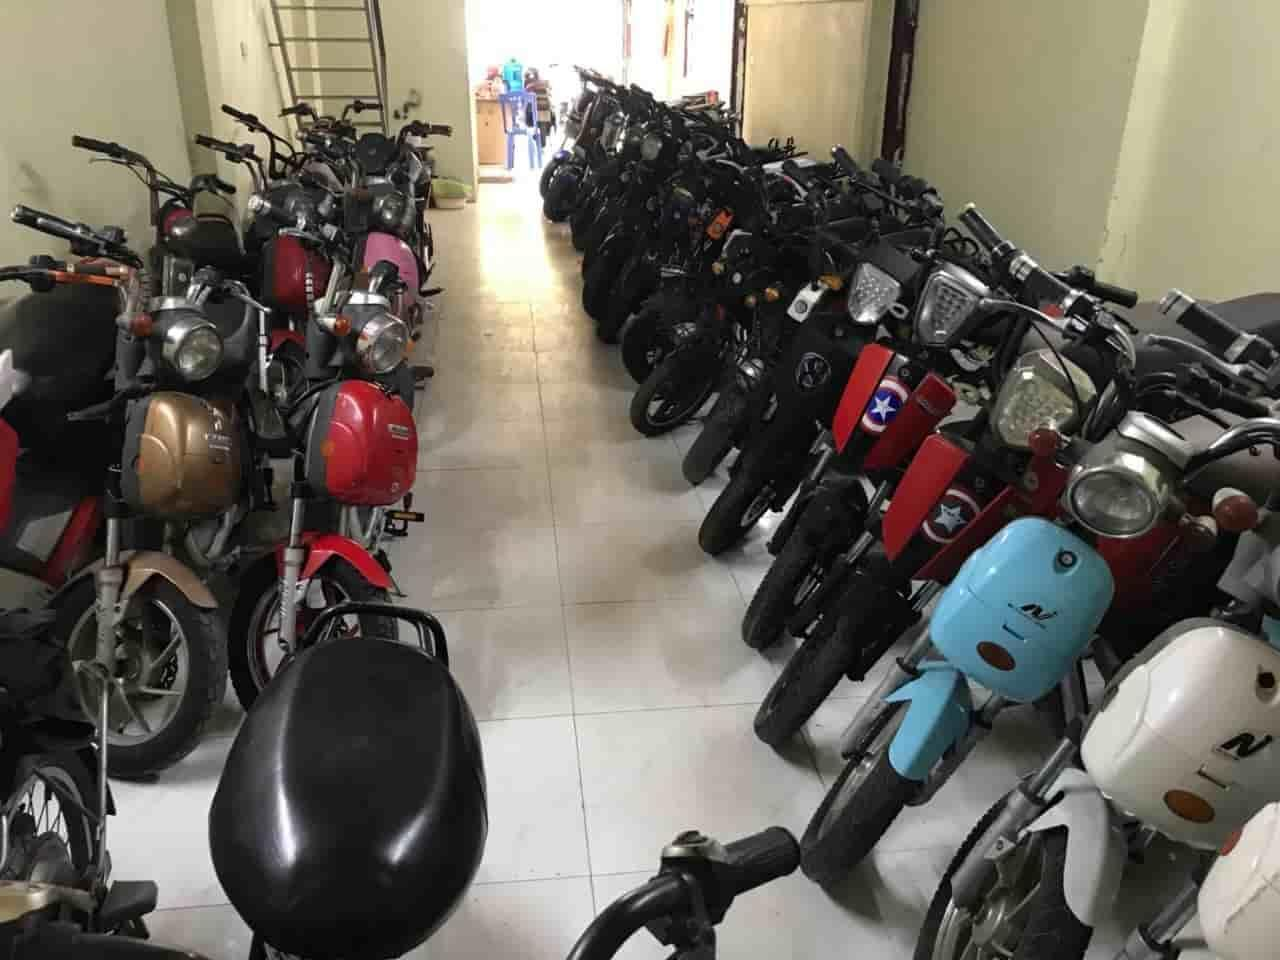 Xe Đạp Điện Cũ - Xe Máy Điện Cũ Quận Thanh Xuân Giá Rẻ, Uy Tín